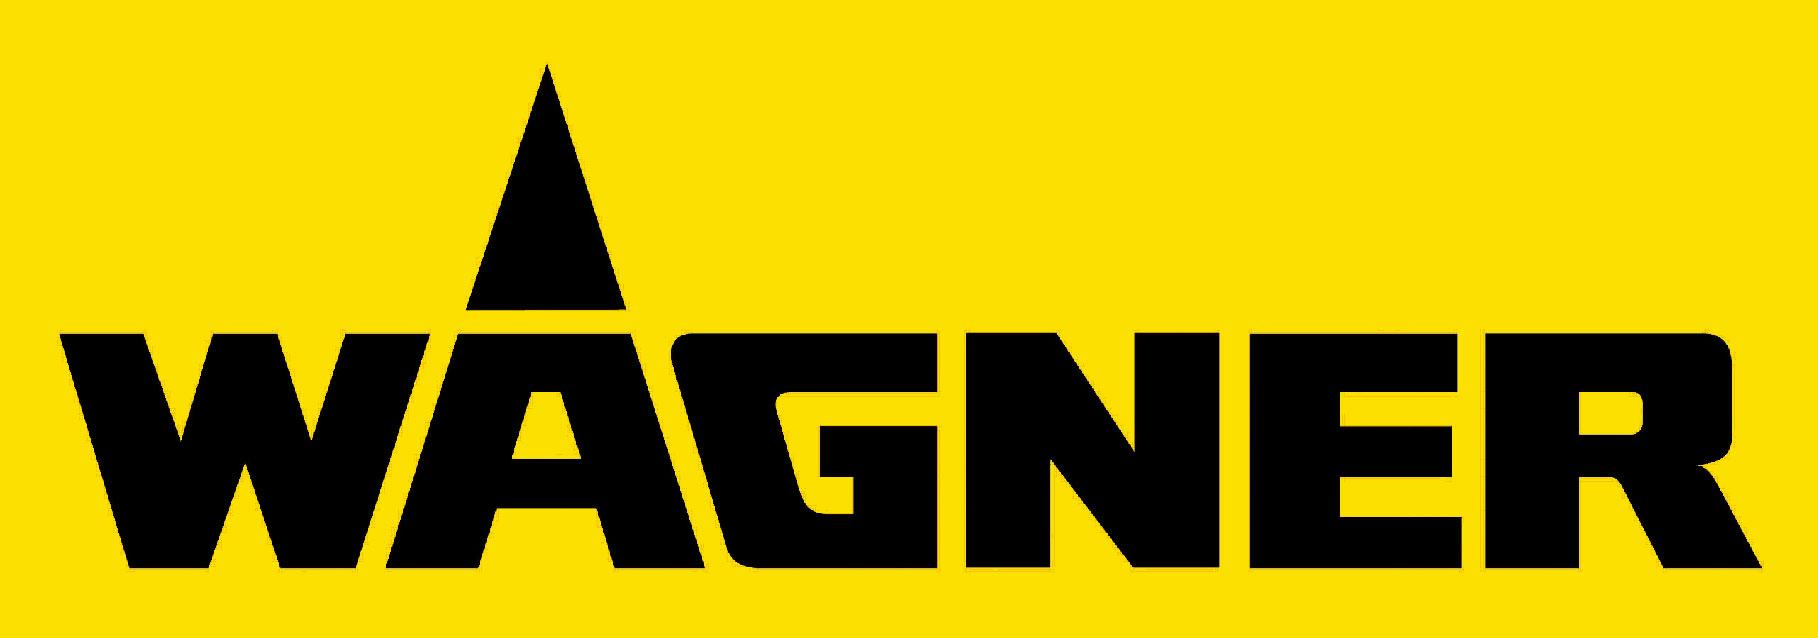 Wagner-logo.jpg